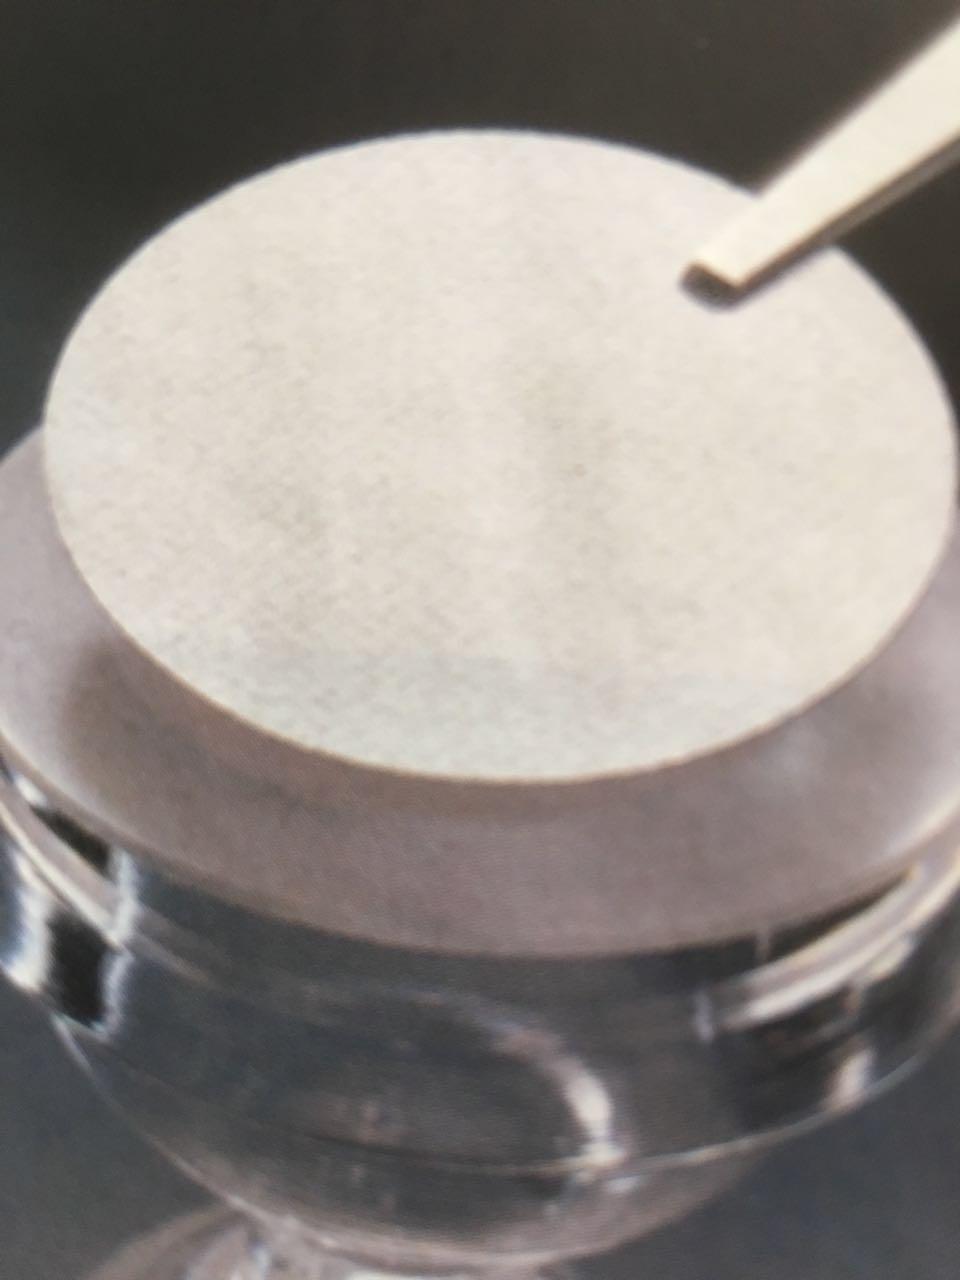 甲基紫试纸北京华科盛精细化工产品贸易有限公司